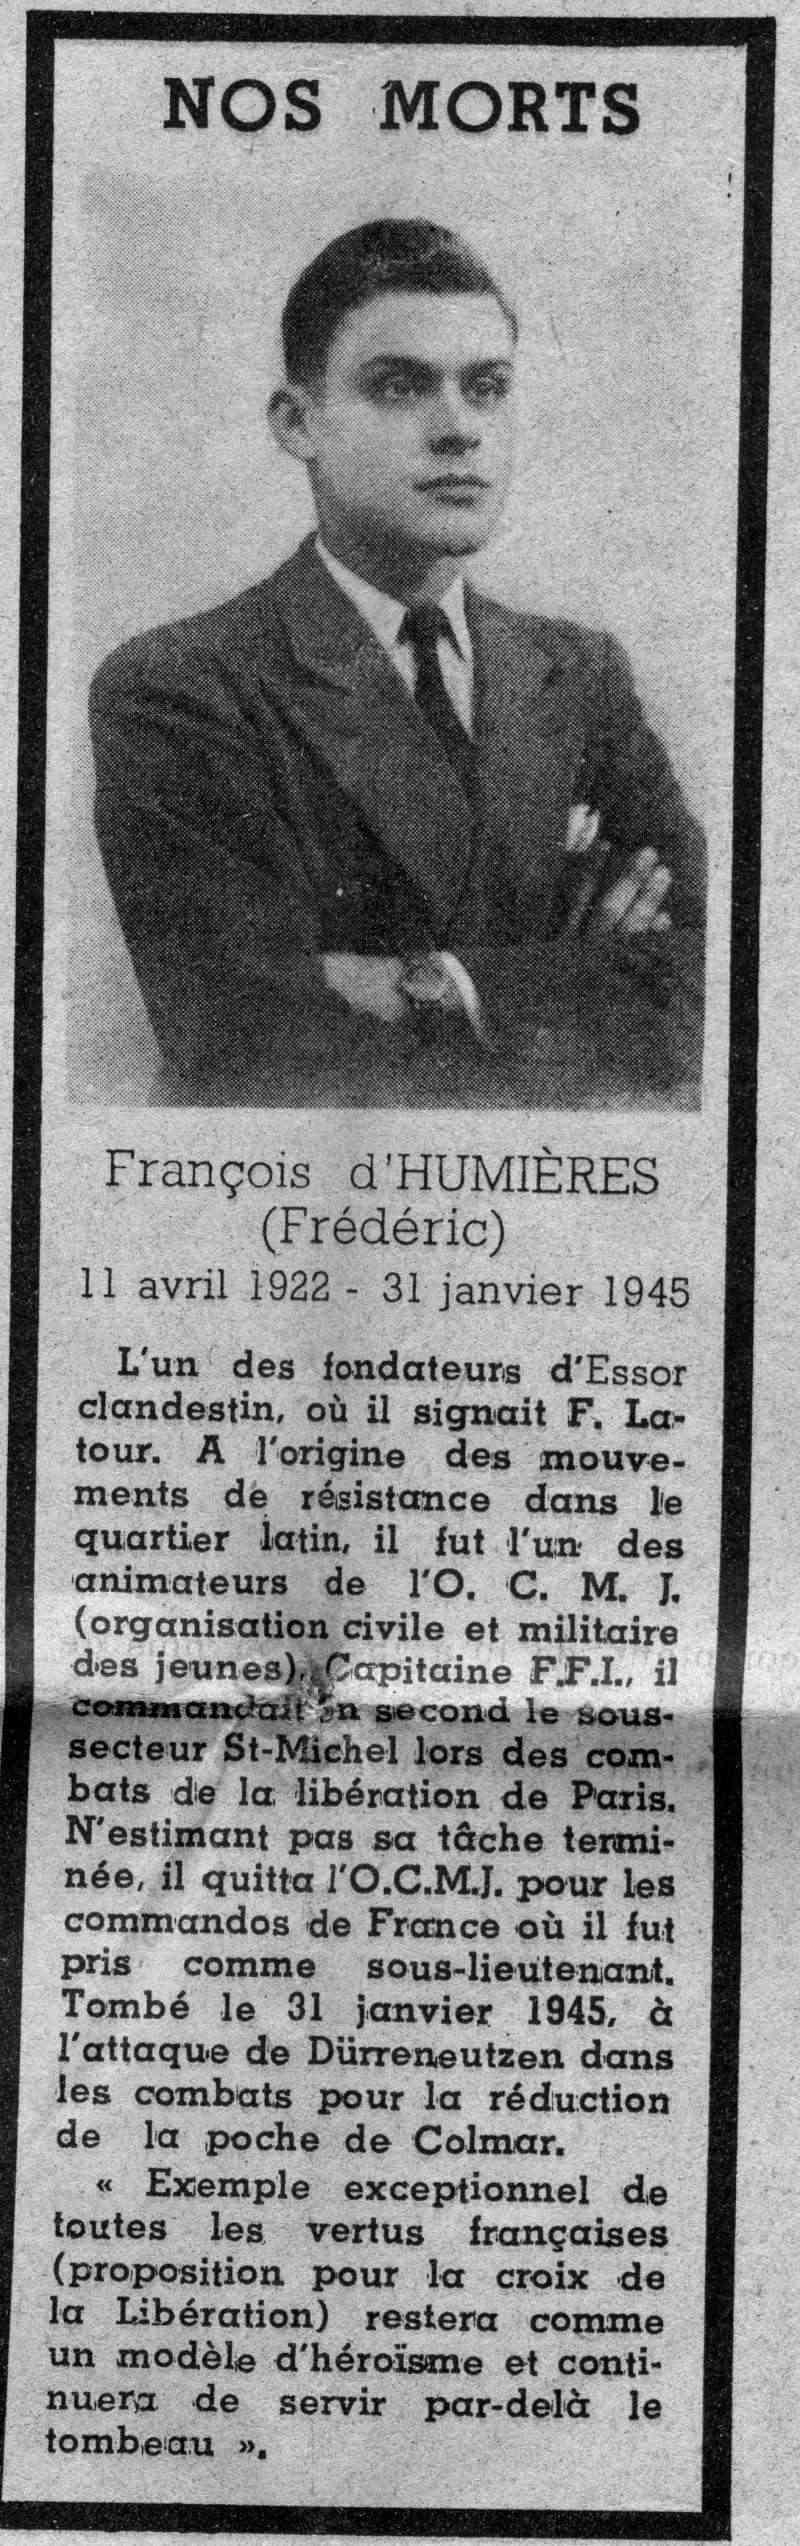 François d'HUMIERES File0133